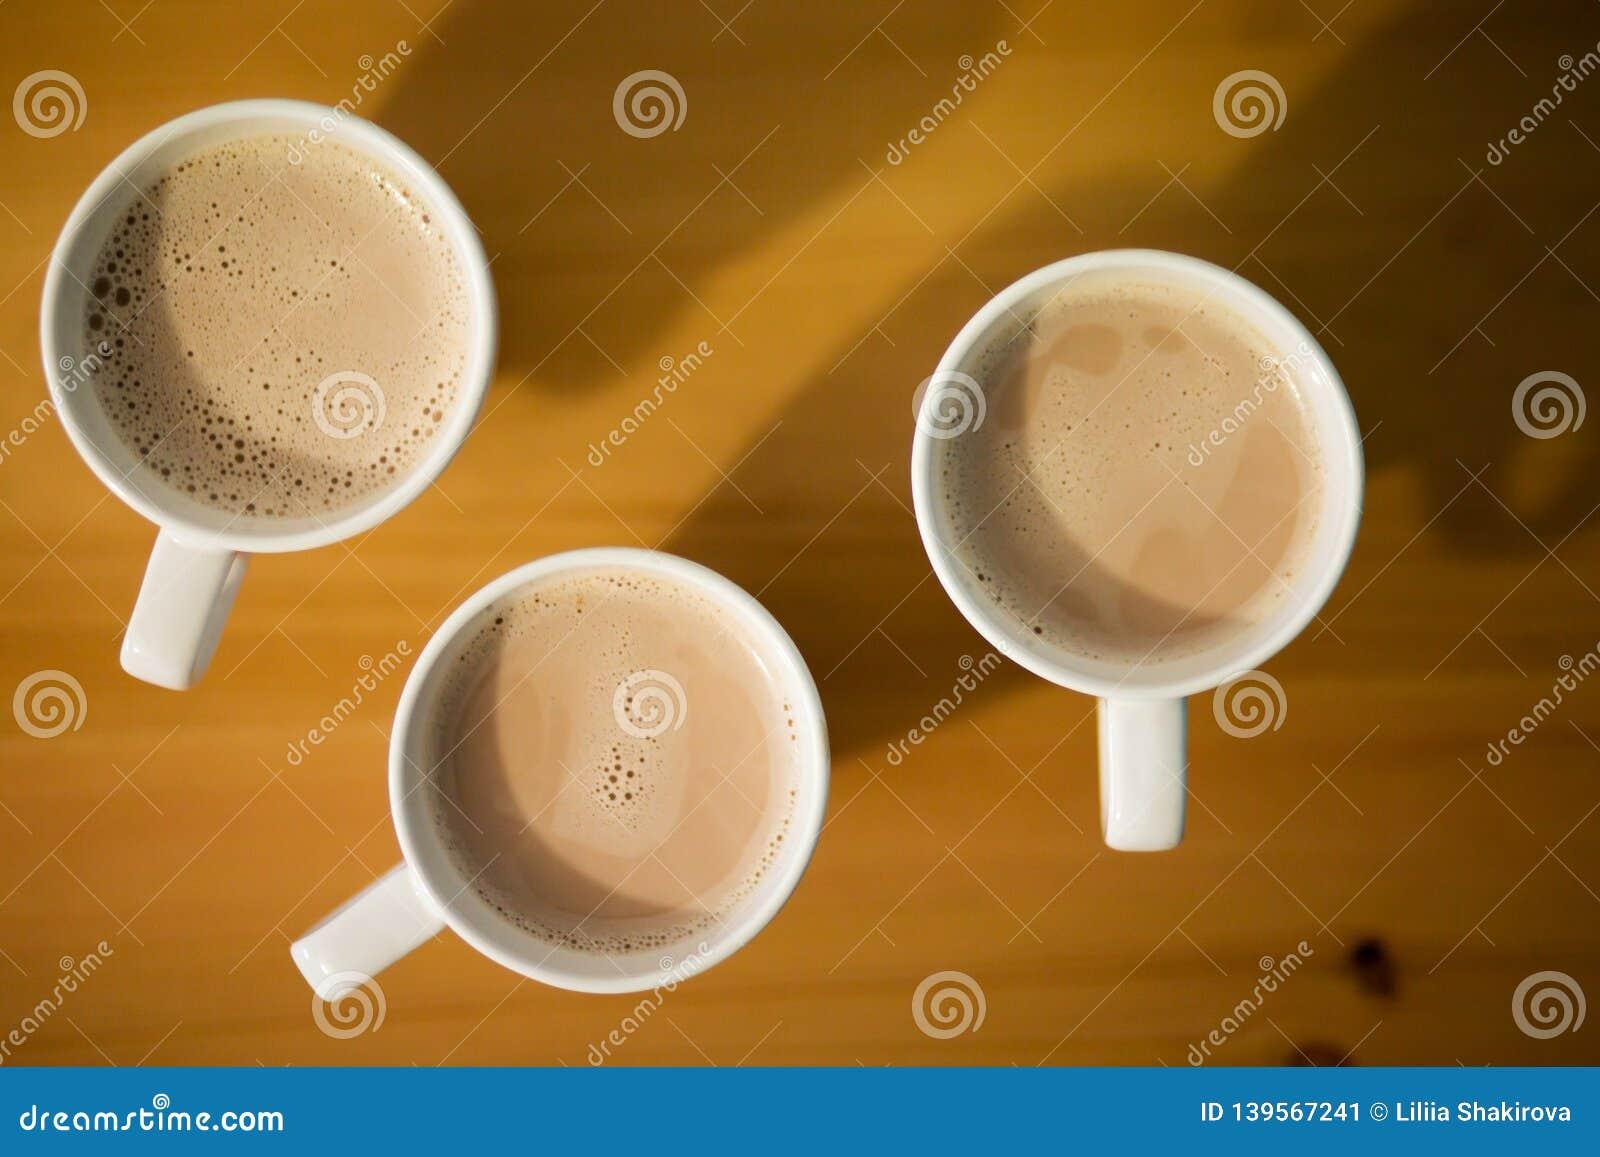 Drei weiße Schale heißer Latte, Kaffee oder Kakao auf Holztisch, Draufsicht, Abschluss oben